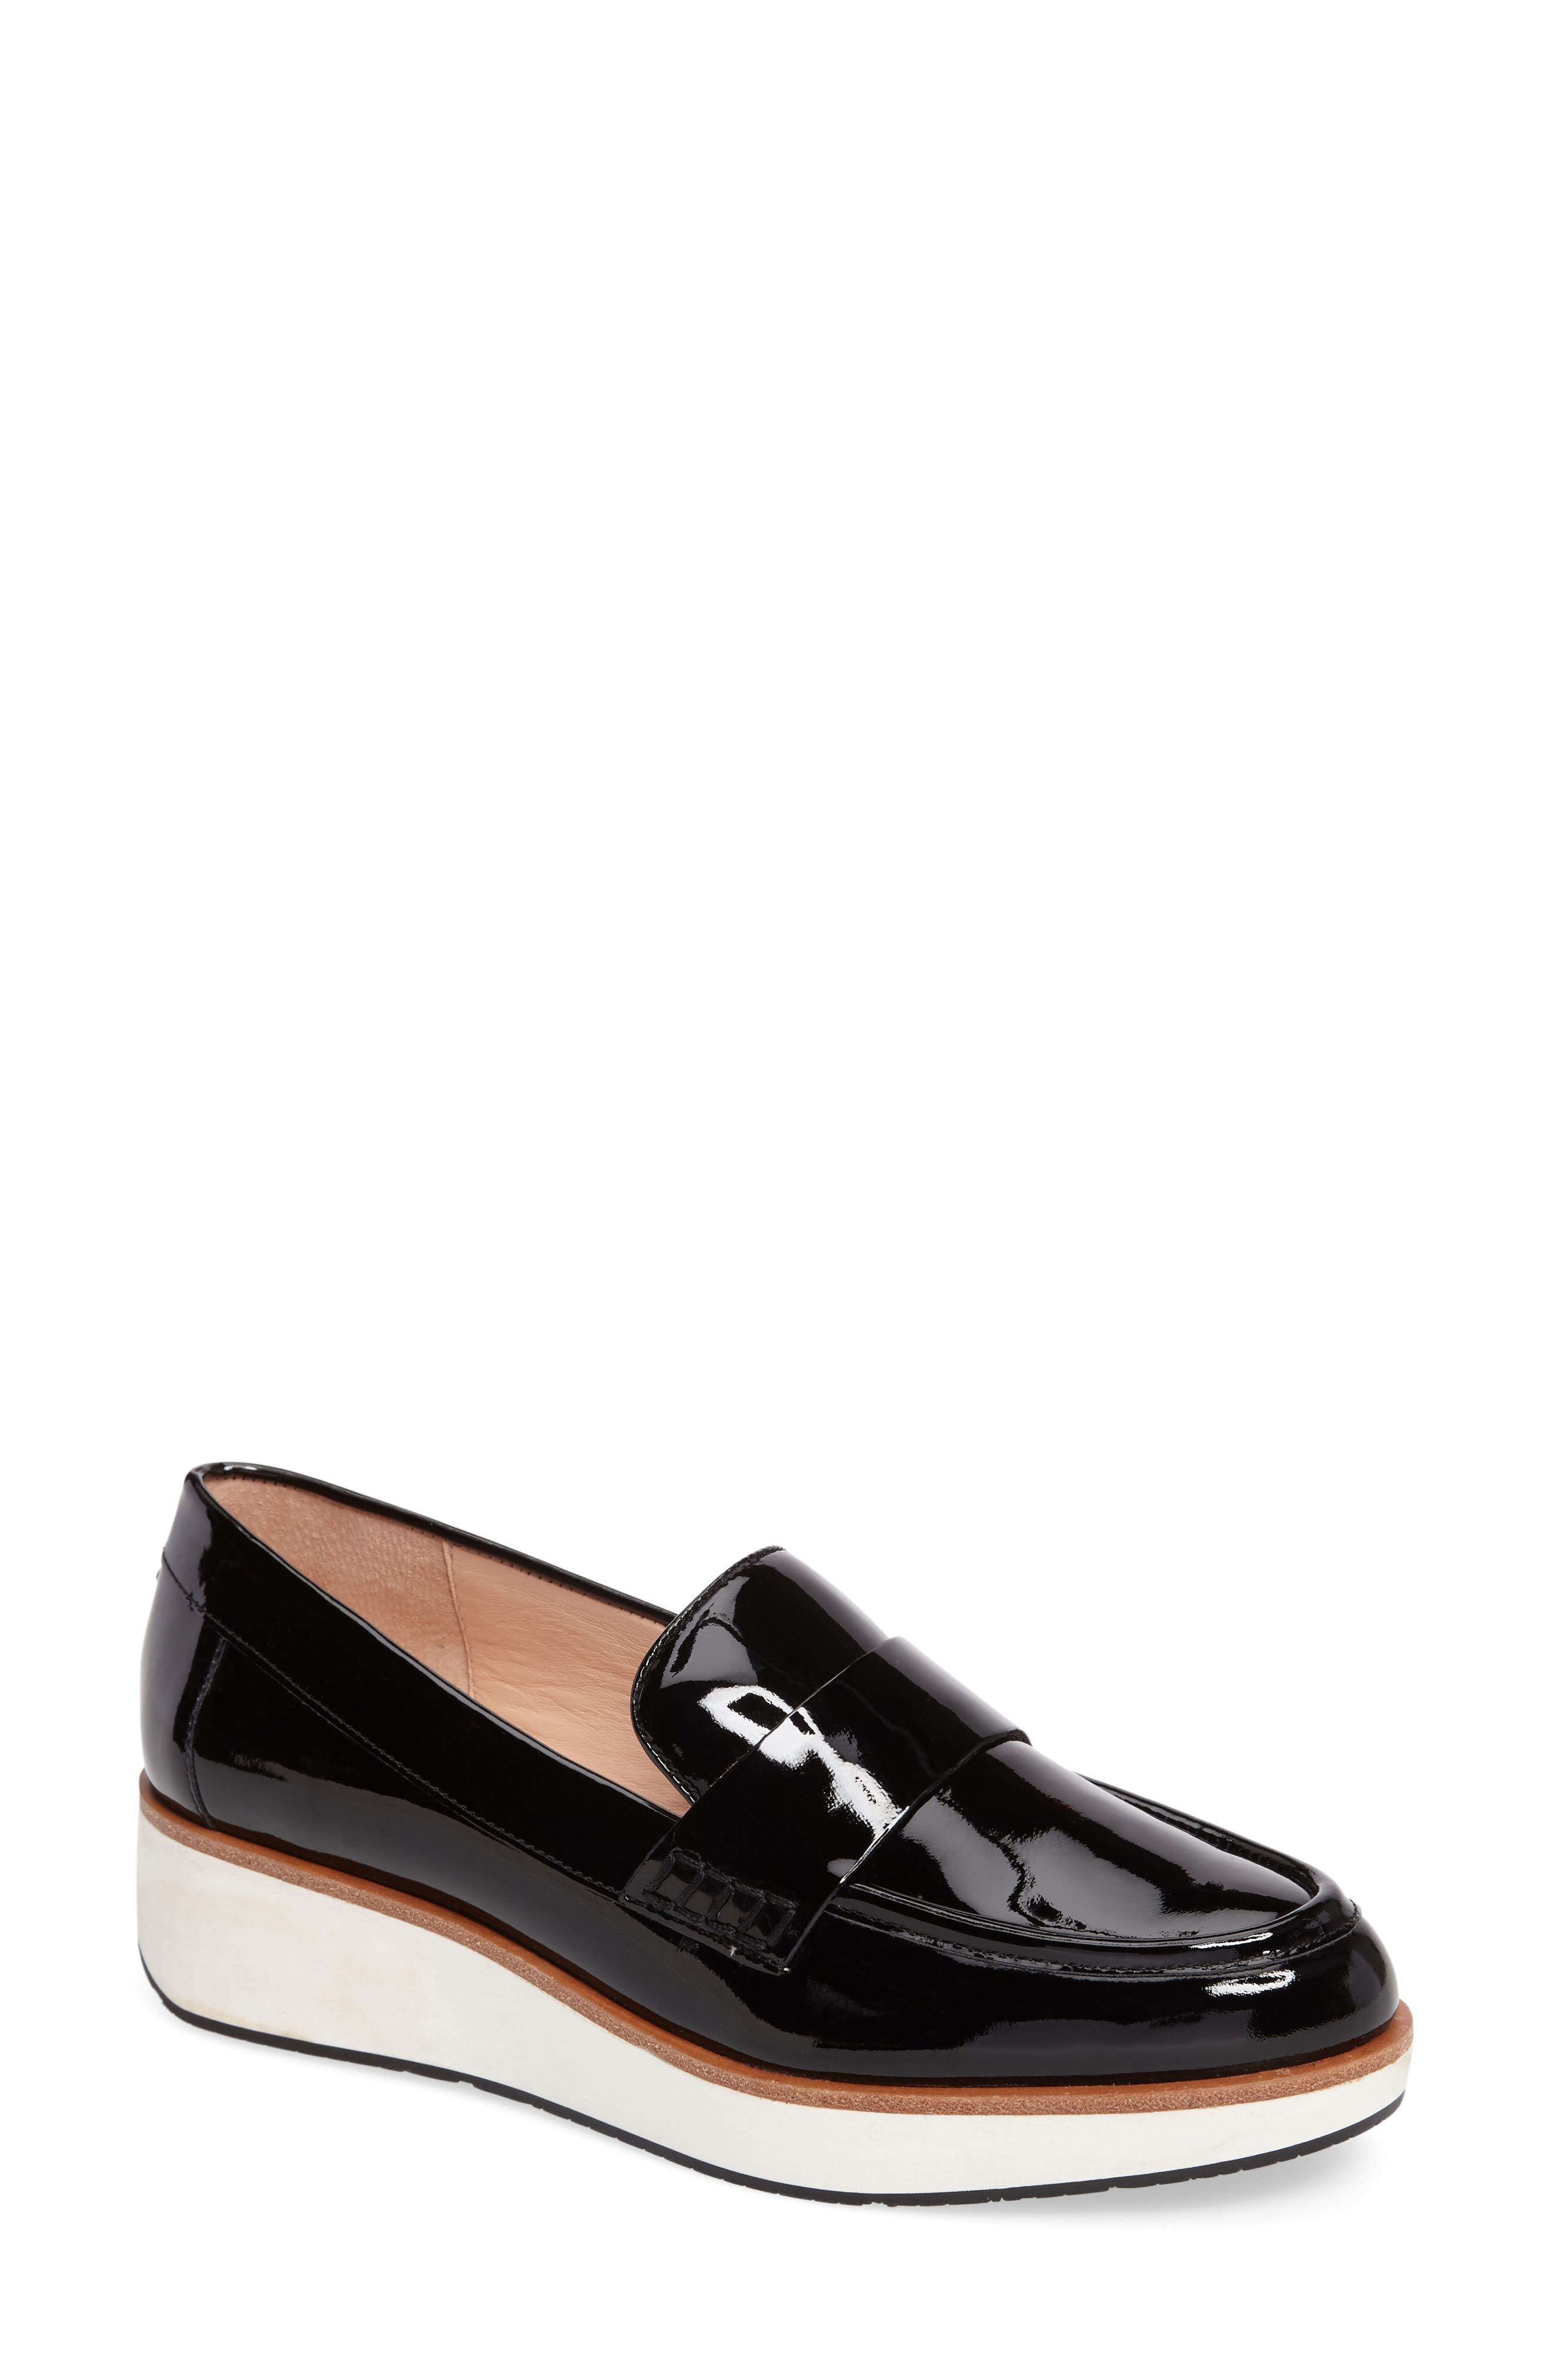 Main Image - kate spade new york priya platform wedge loafer (Women)